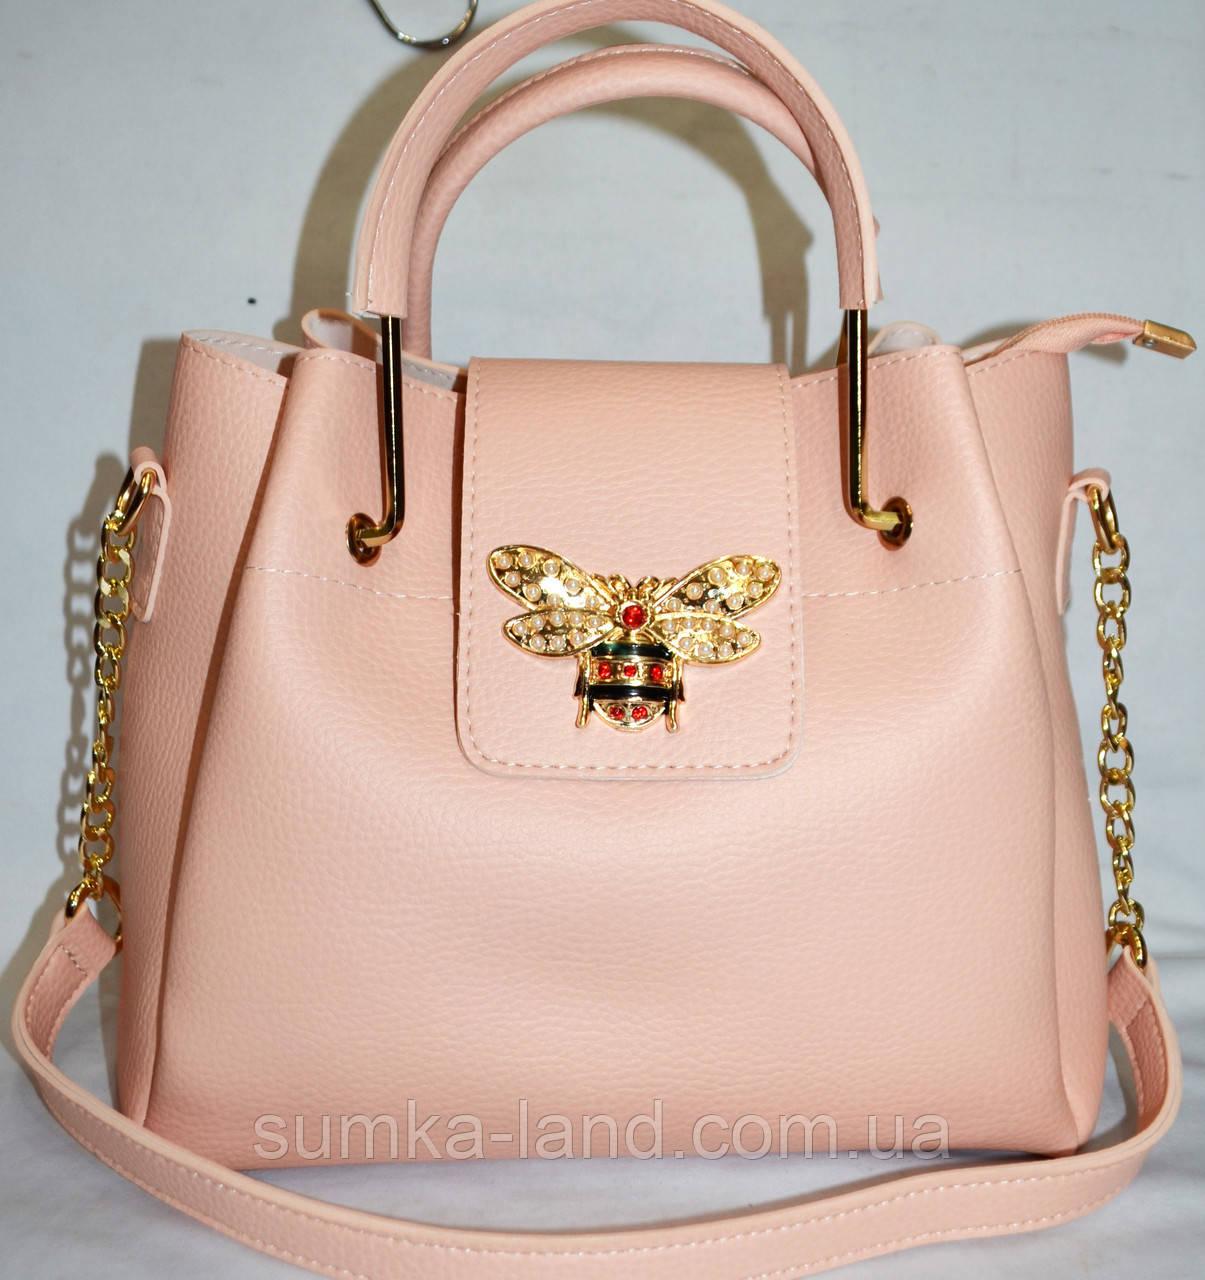 71829136b5c5 Женская пудровая сумка Gucci в комплекте с клатчем (2 в 1) 27 25 см ...